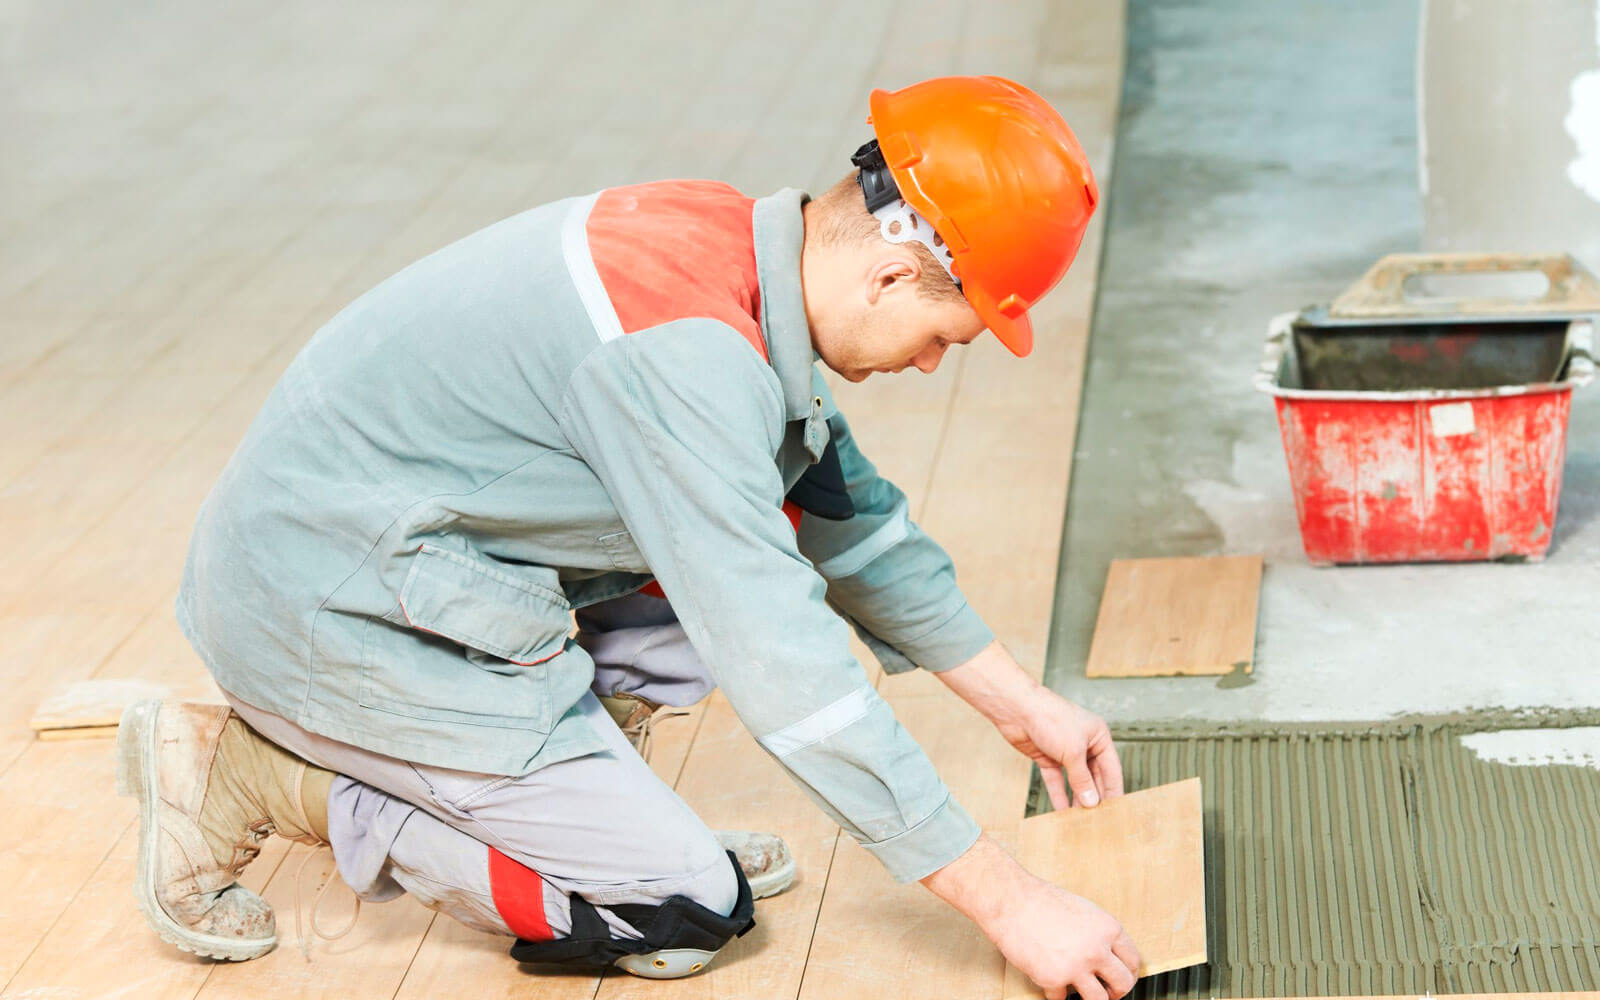 Строительные специальности остаются востребованными, пока люди делают ремонт и ожидают новые квартиры